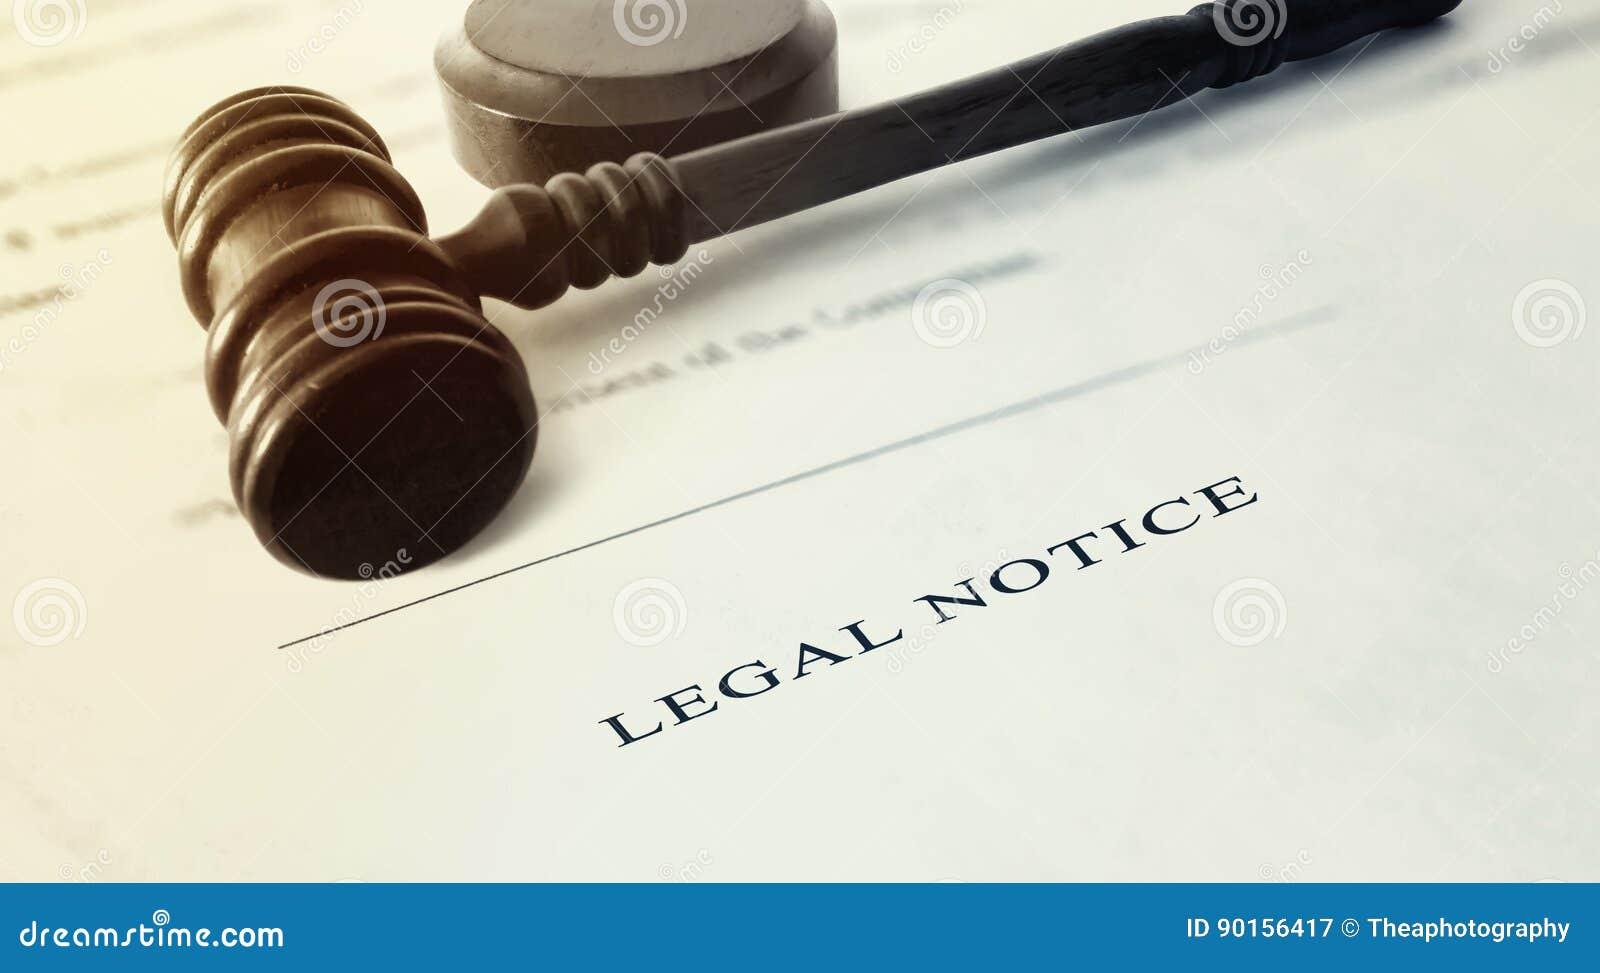 Νομική ειδοποίηση